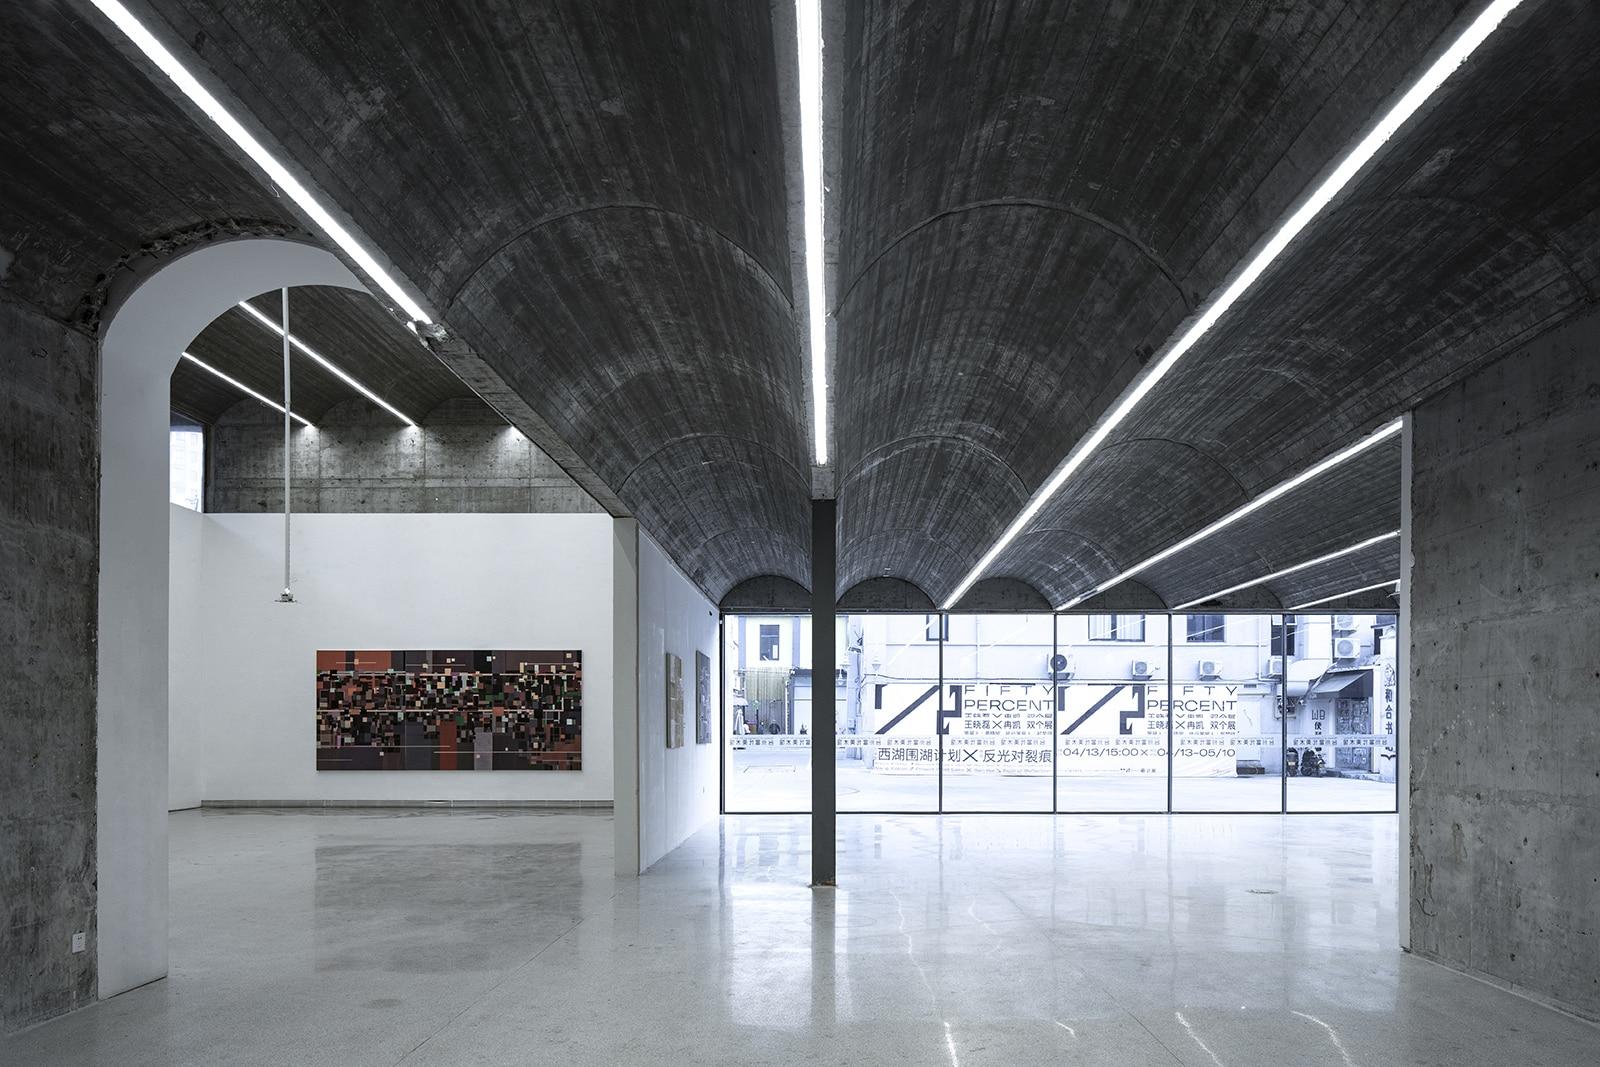 Taizhou Contemporary Art Museum  - 4 39